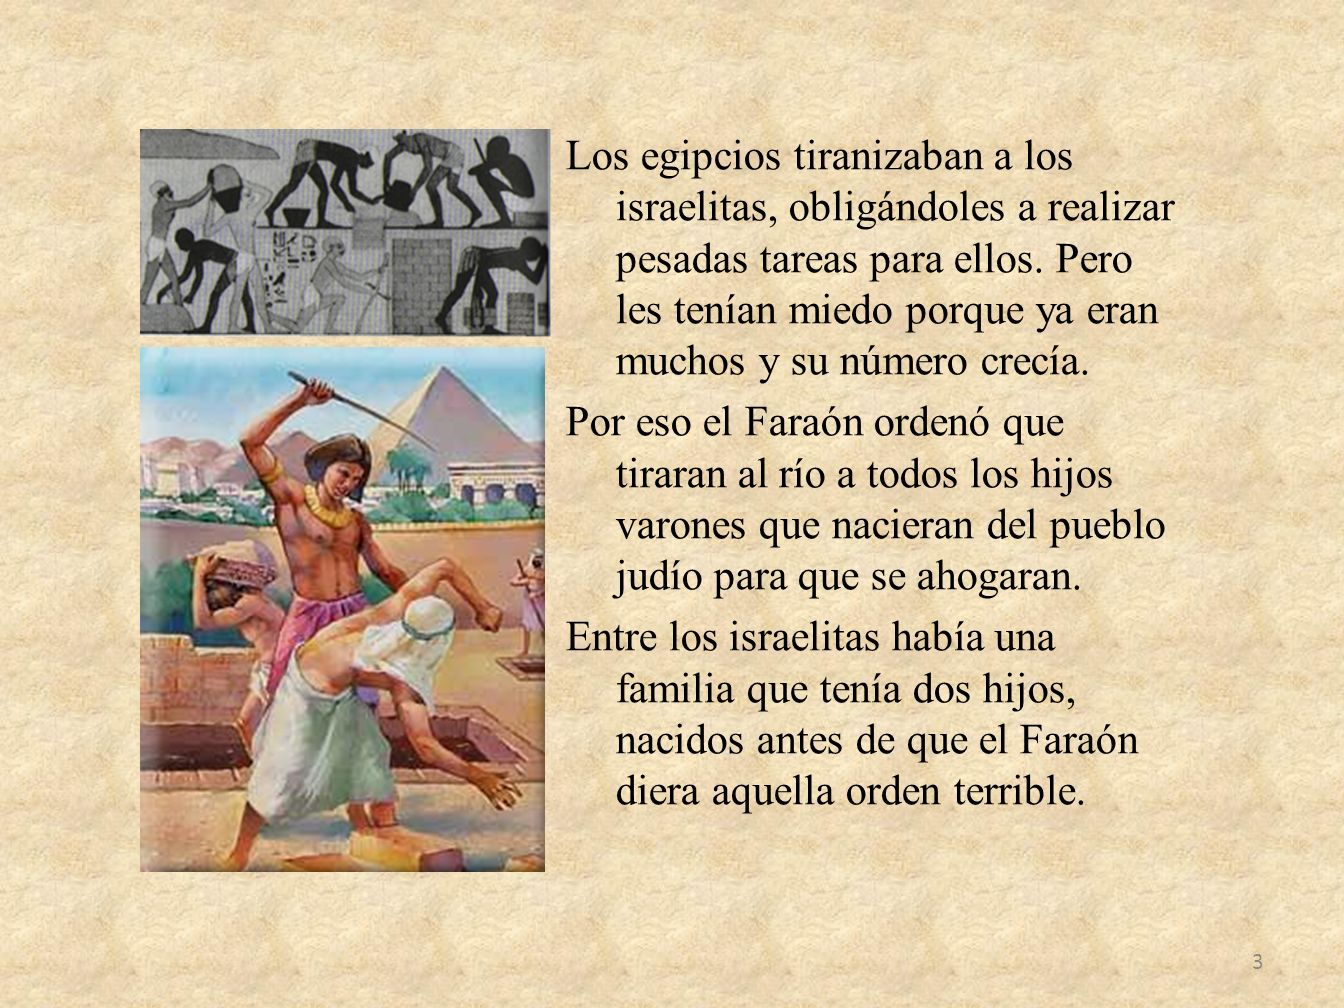 Los egipcios tiranizaban a los israelitas, obligándoles a realizar pesadas tareas para ellos.